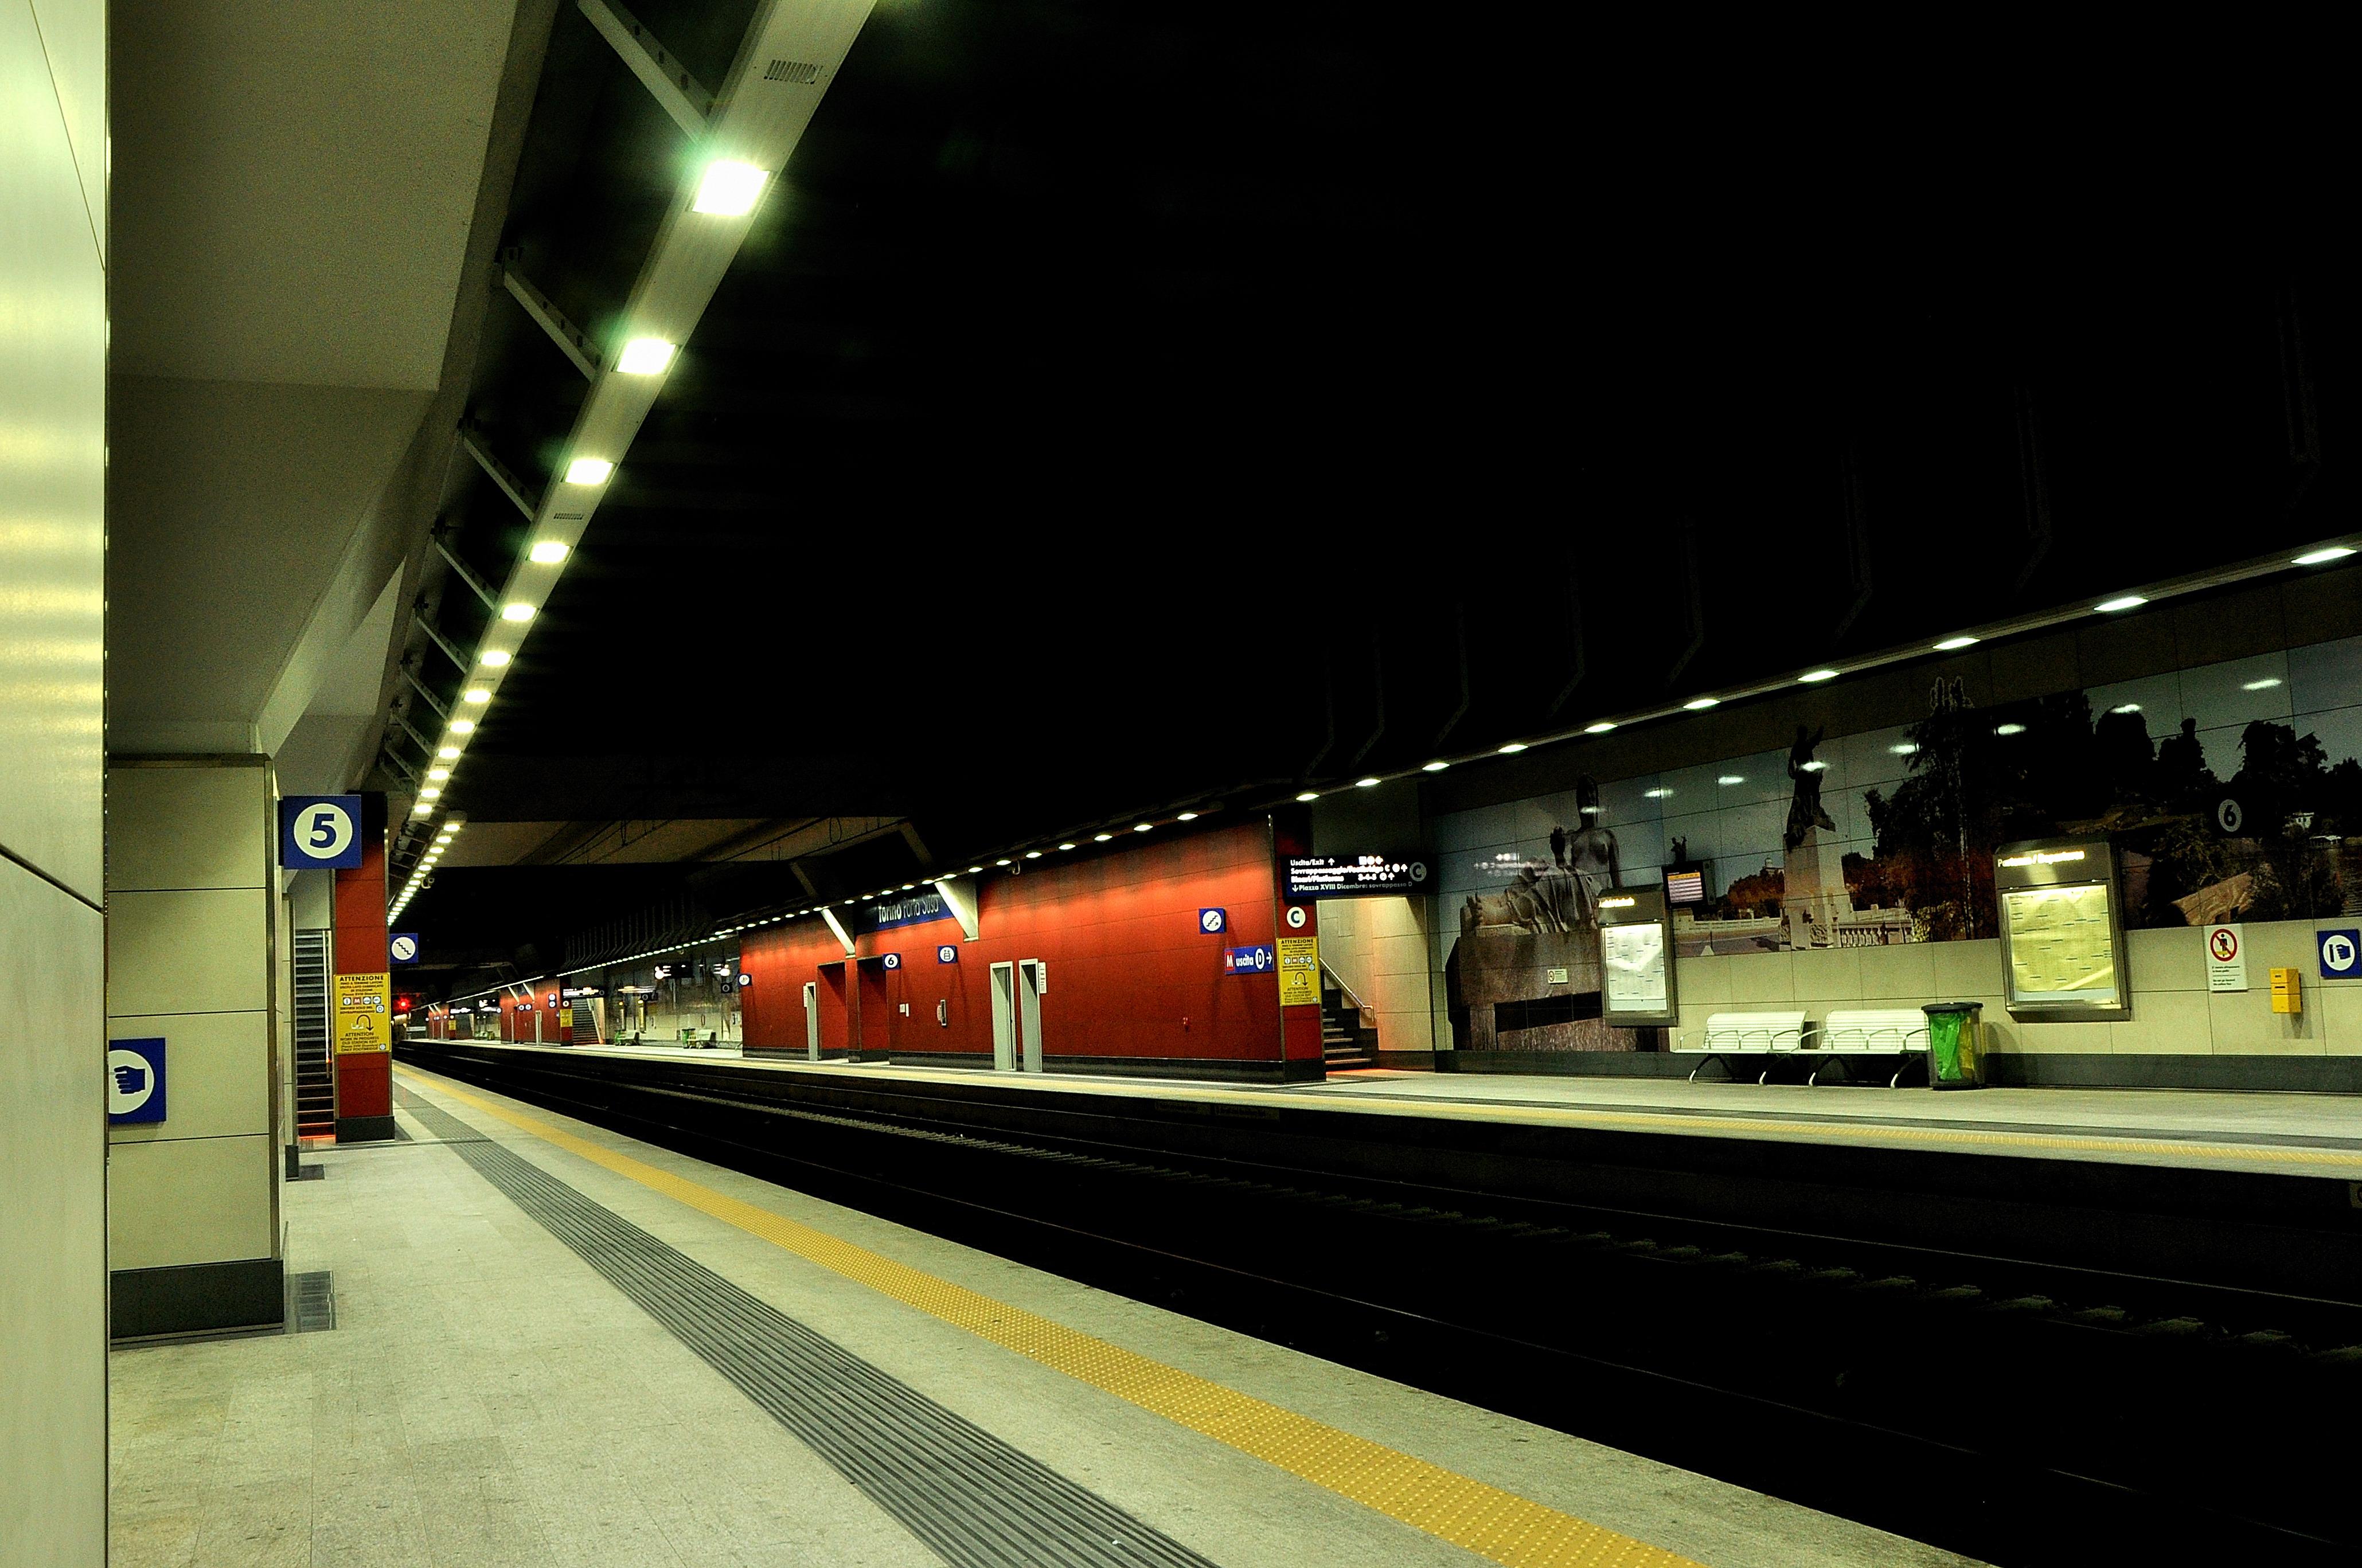 Le gru si arriver anche in treno mole24 - Orari treni milano torino porta susa ...